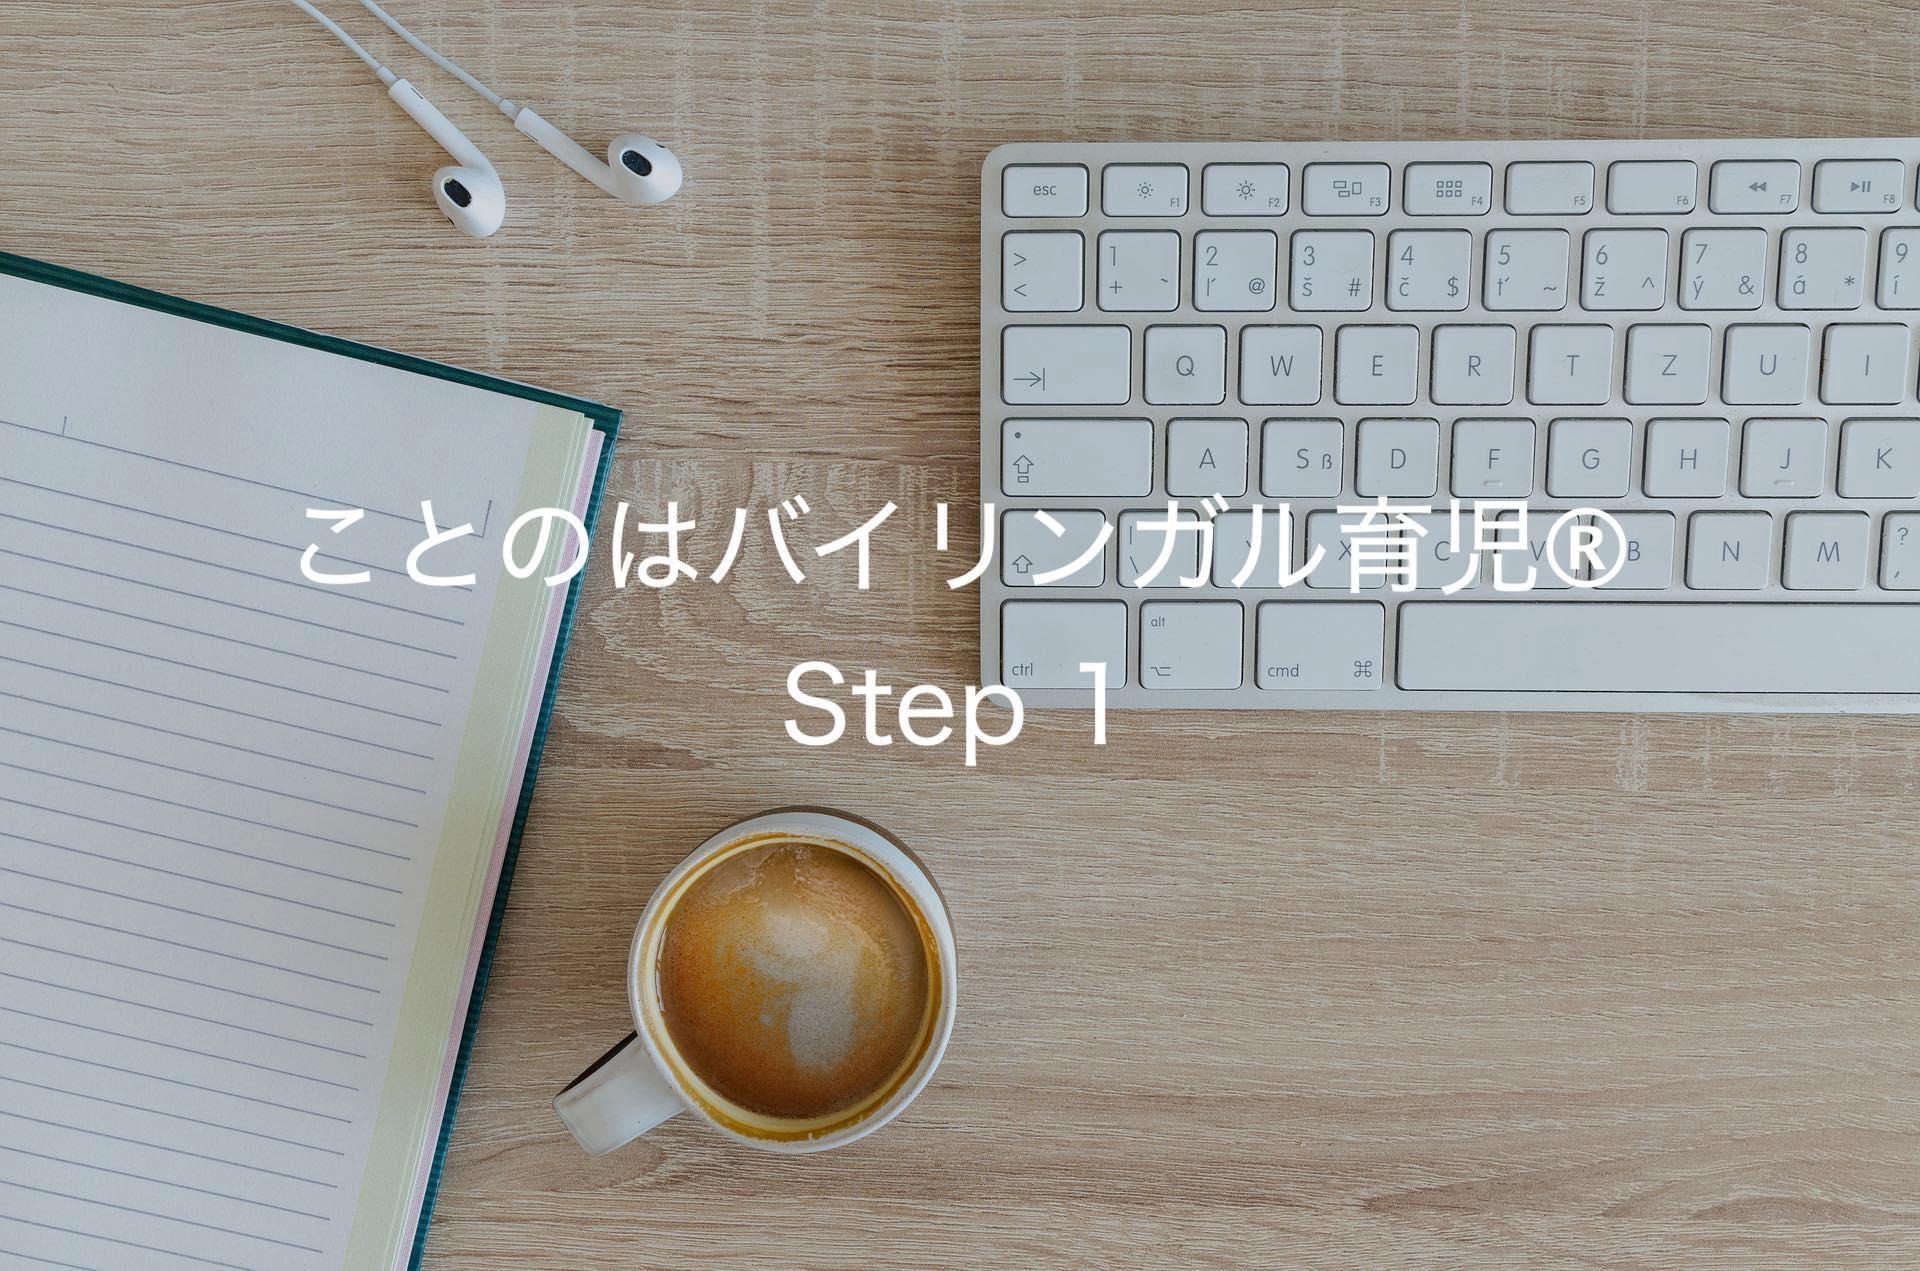 【次回2月1日募集開始予定】ことのはバイリンガル育児®️基本の話•Step 1動画